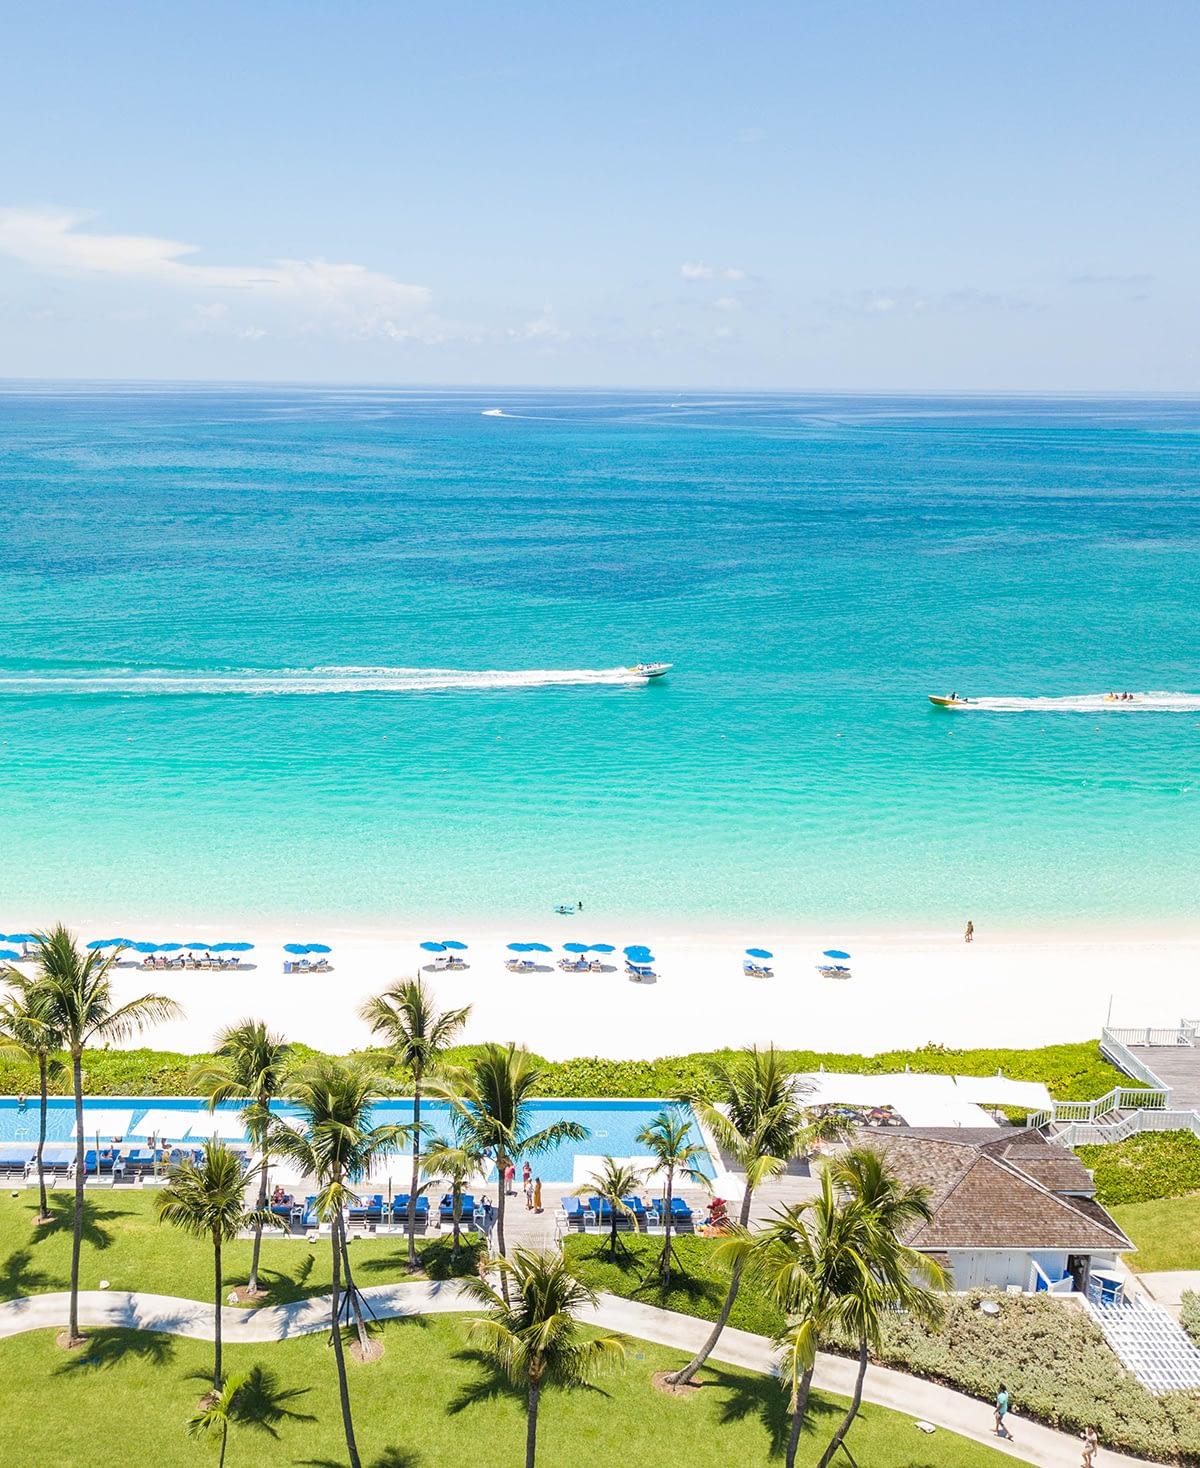 Four Seasons The Ocean Club, Bahamas